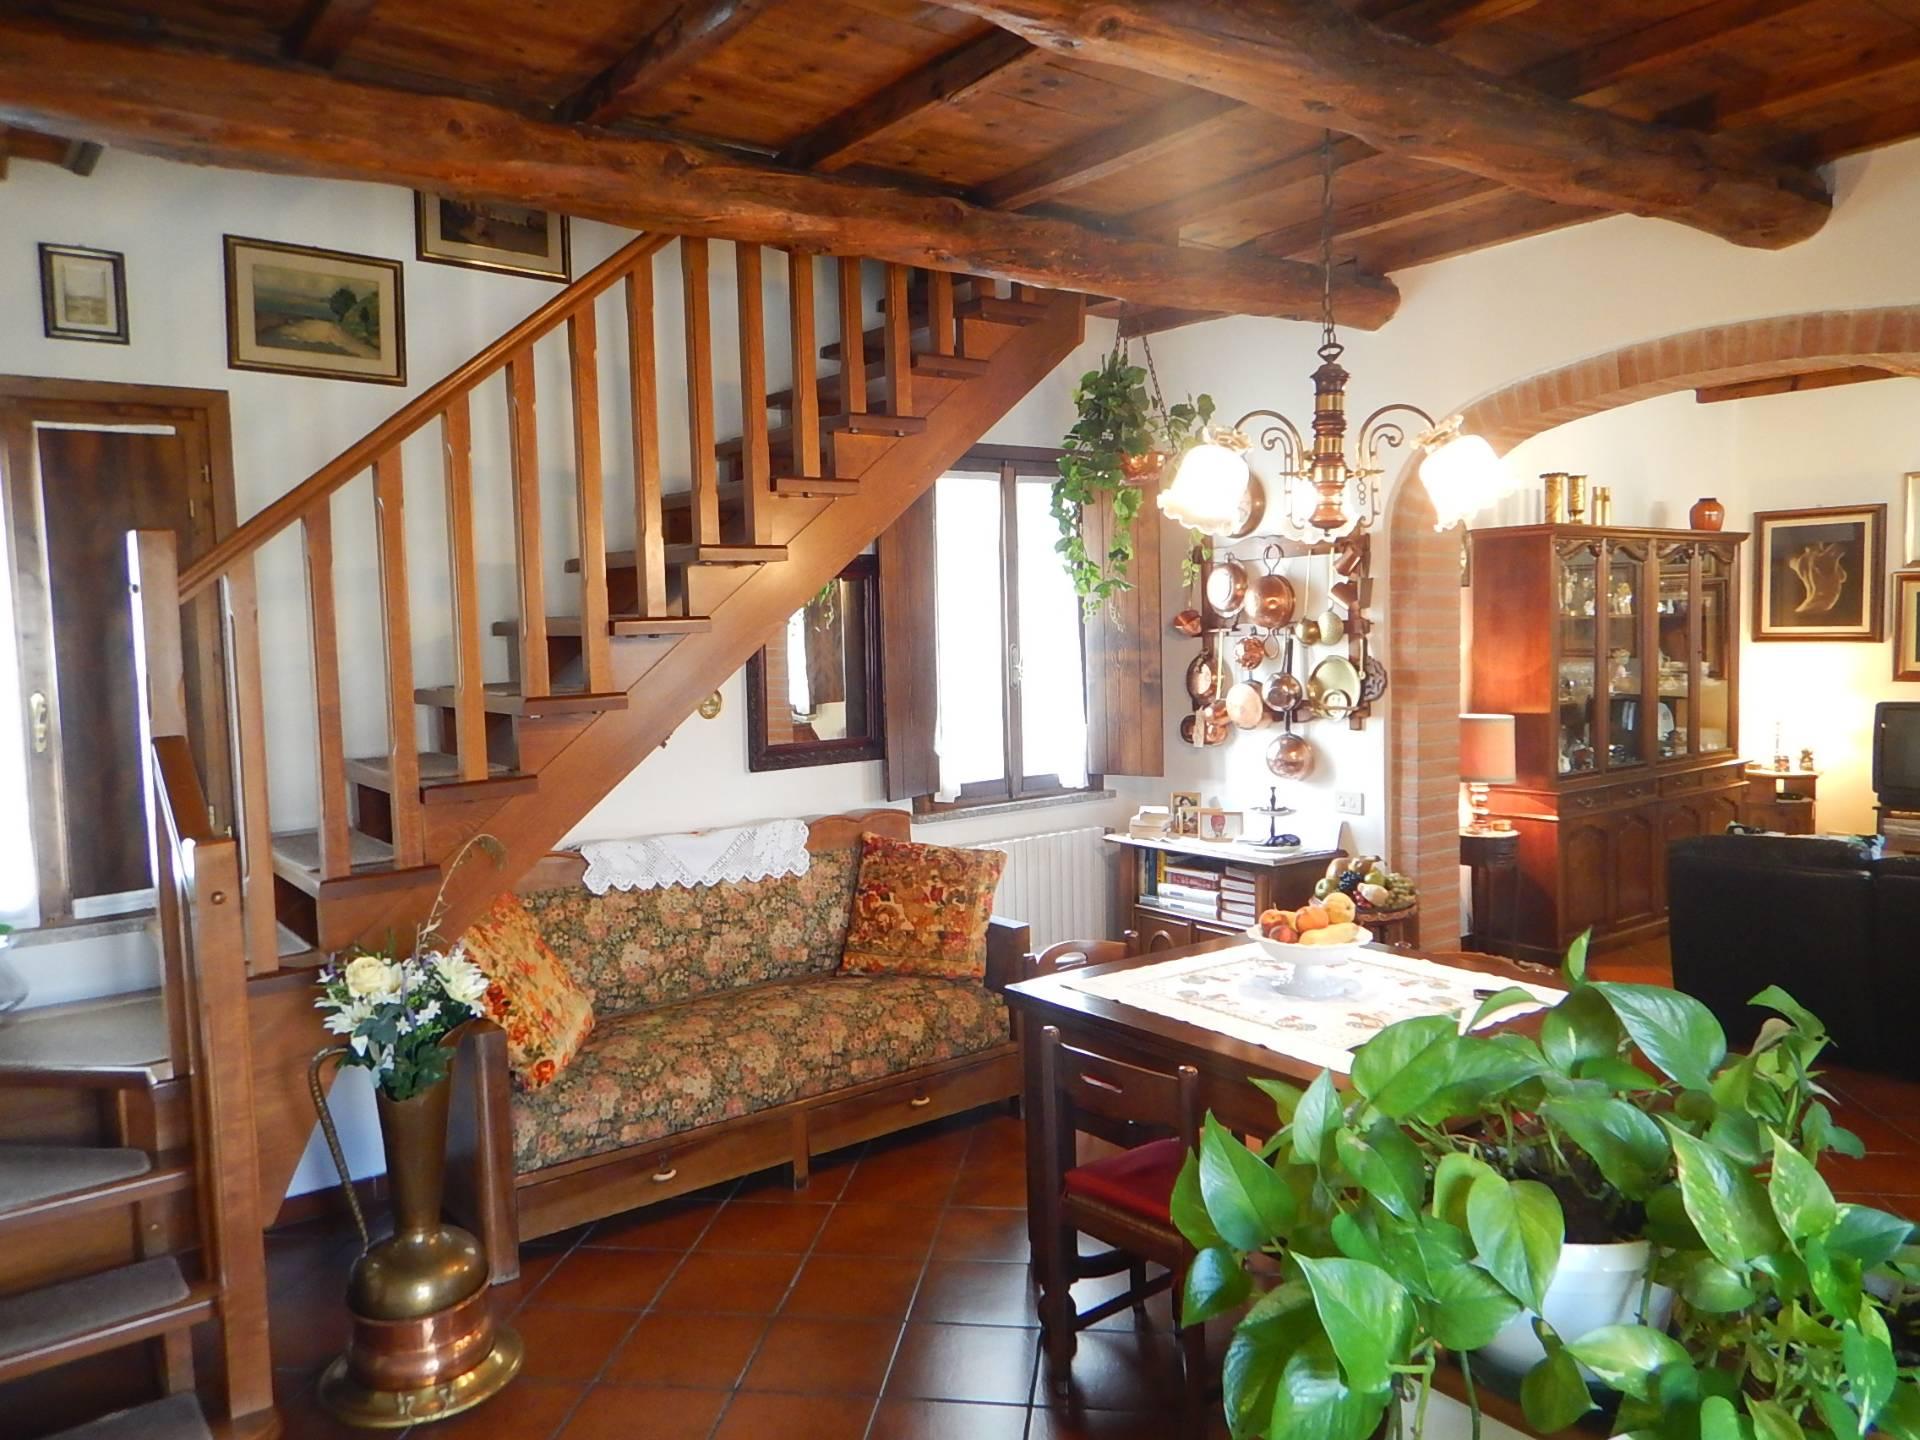 Foto 1 di Casa indipendente via  lorenzini, Ostellato